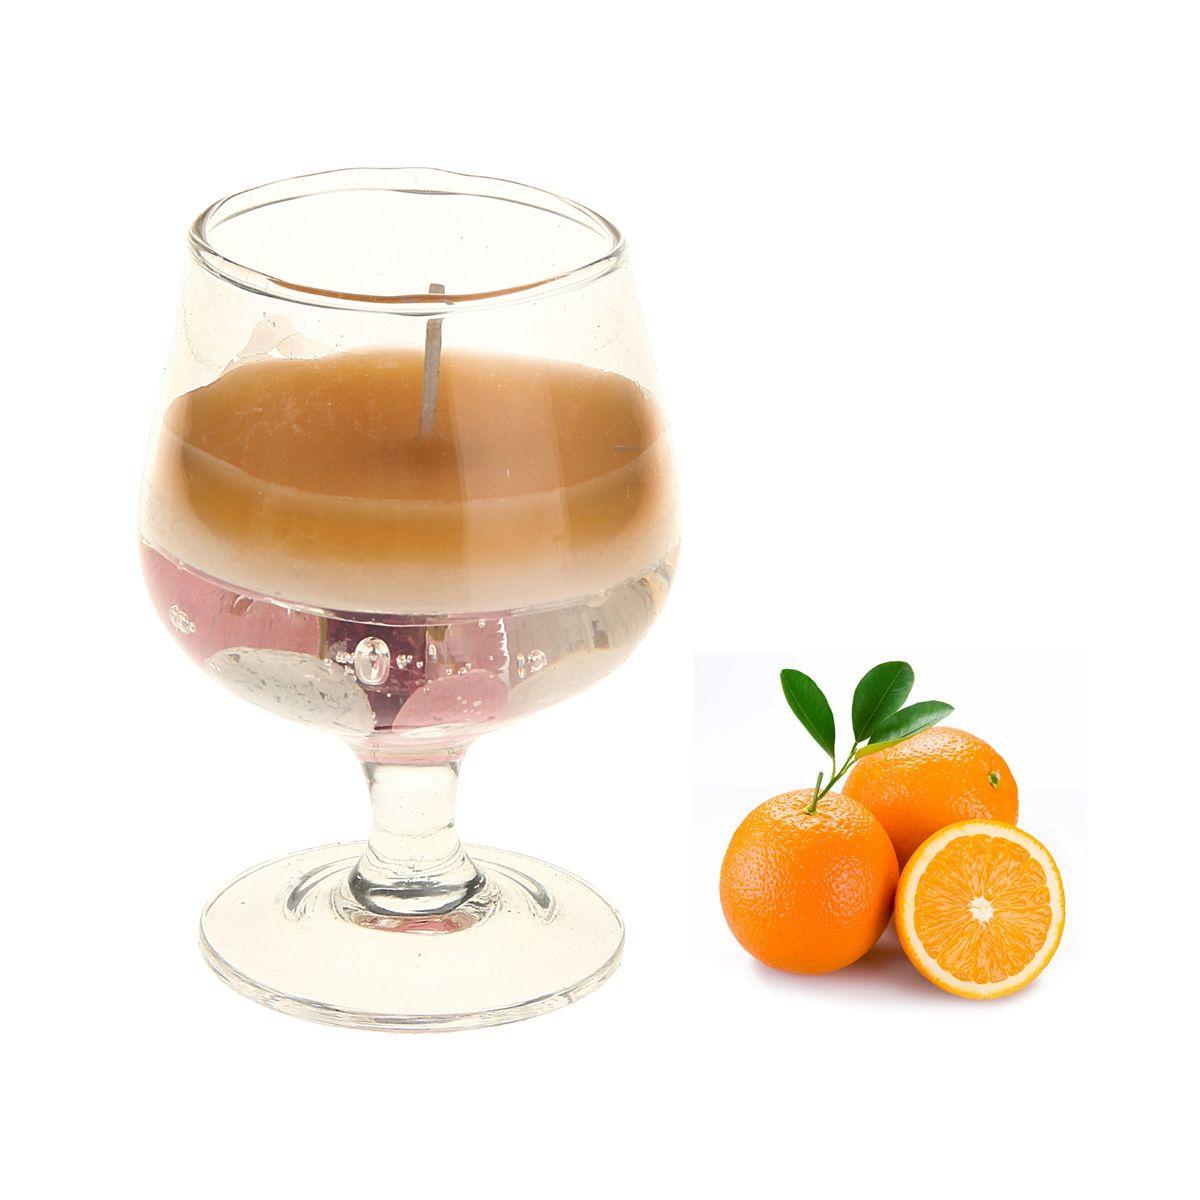 Свеча ароматизированная Sima-land Апельсин, высота 8 см825854Ароматизированная свеча Sima-land Апельсин изготовлена из воска и геля и поставляется в стеклянном бокале. Изделие отличается оригинальным дизайном и приятным ароматом. Такая свеча может стать отличным подарком или дополнить интерьер вашей комнаты. Диаметр по верхнему краю: 4,5 см.